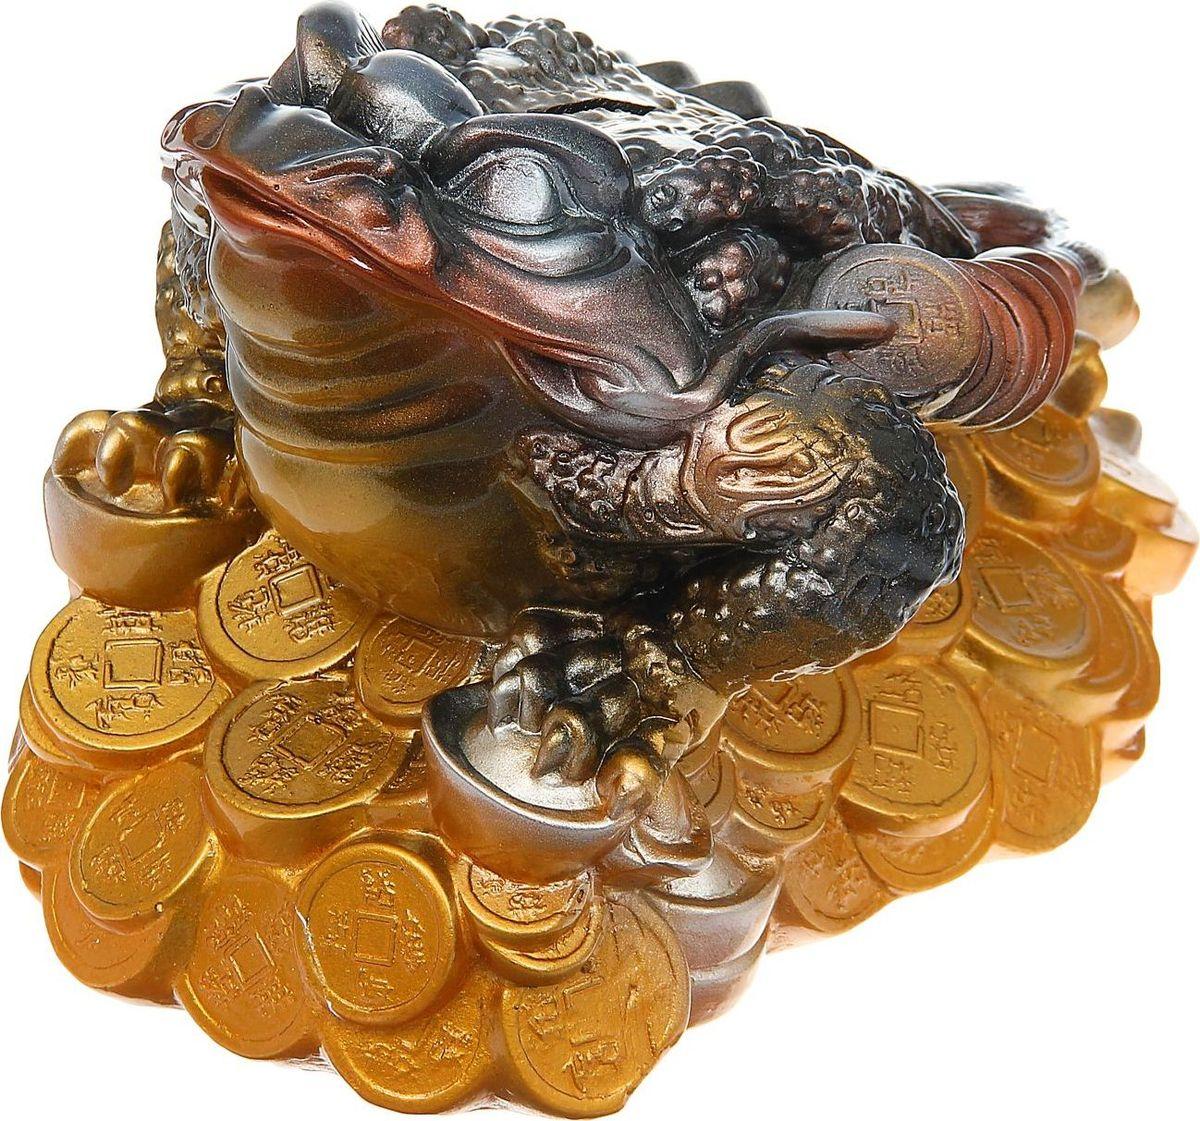 Копилка Premium Gips Денежная жаба, 33 х 20 х 23 см1184670Хотите накопить на свою заветную мечту? С помощью данного изделия вы сможете сделать это без удара по бюджету! Трёхлапая жаба с монеткой во рту является очень сильным денежным талисманом, который приносит богатство, финансовую удачу и процветание. Иногда это животное используют как символ долголетия, потому что некоторые их виды живут до 40 лет.Согласно фэн-шуй, копилки с деньгами целесообразно хранить в западной или северо-западной частях помещения.